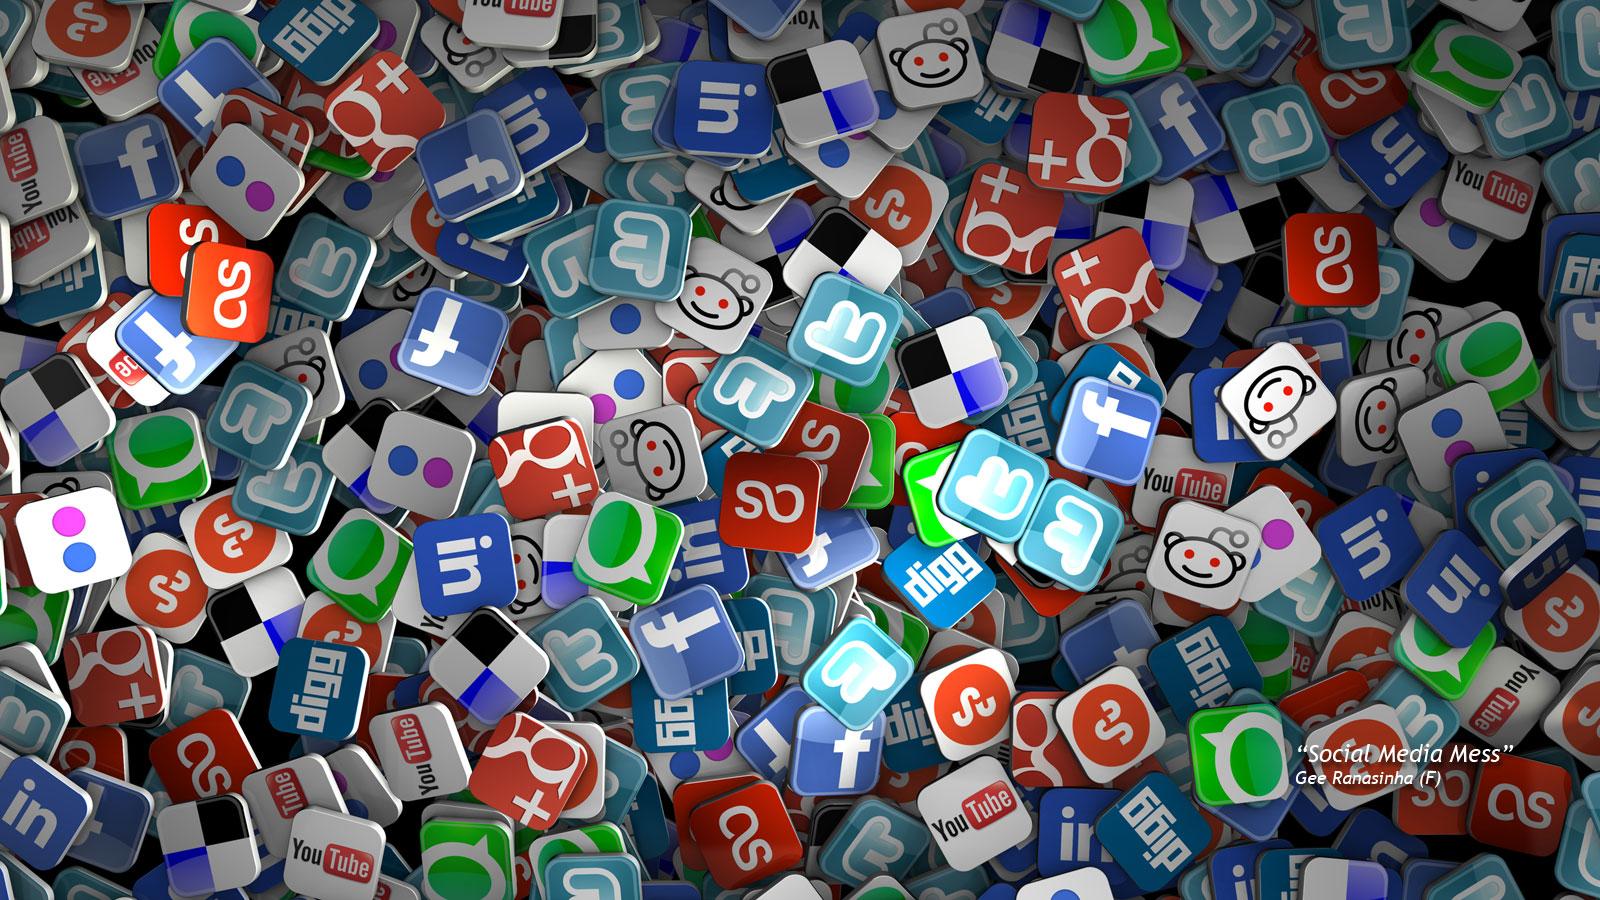 social-media-mess.jpg